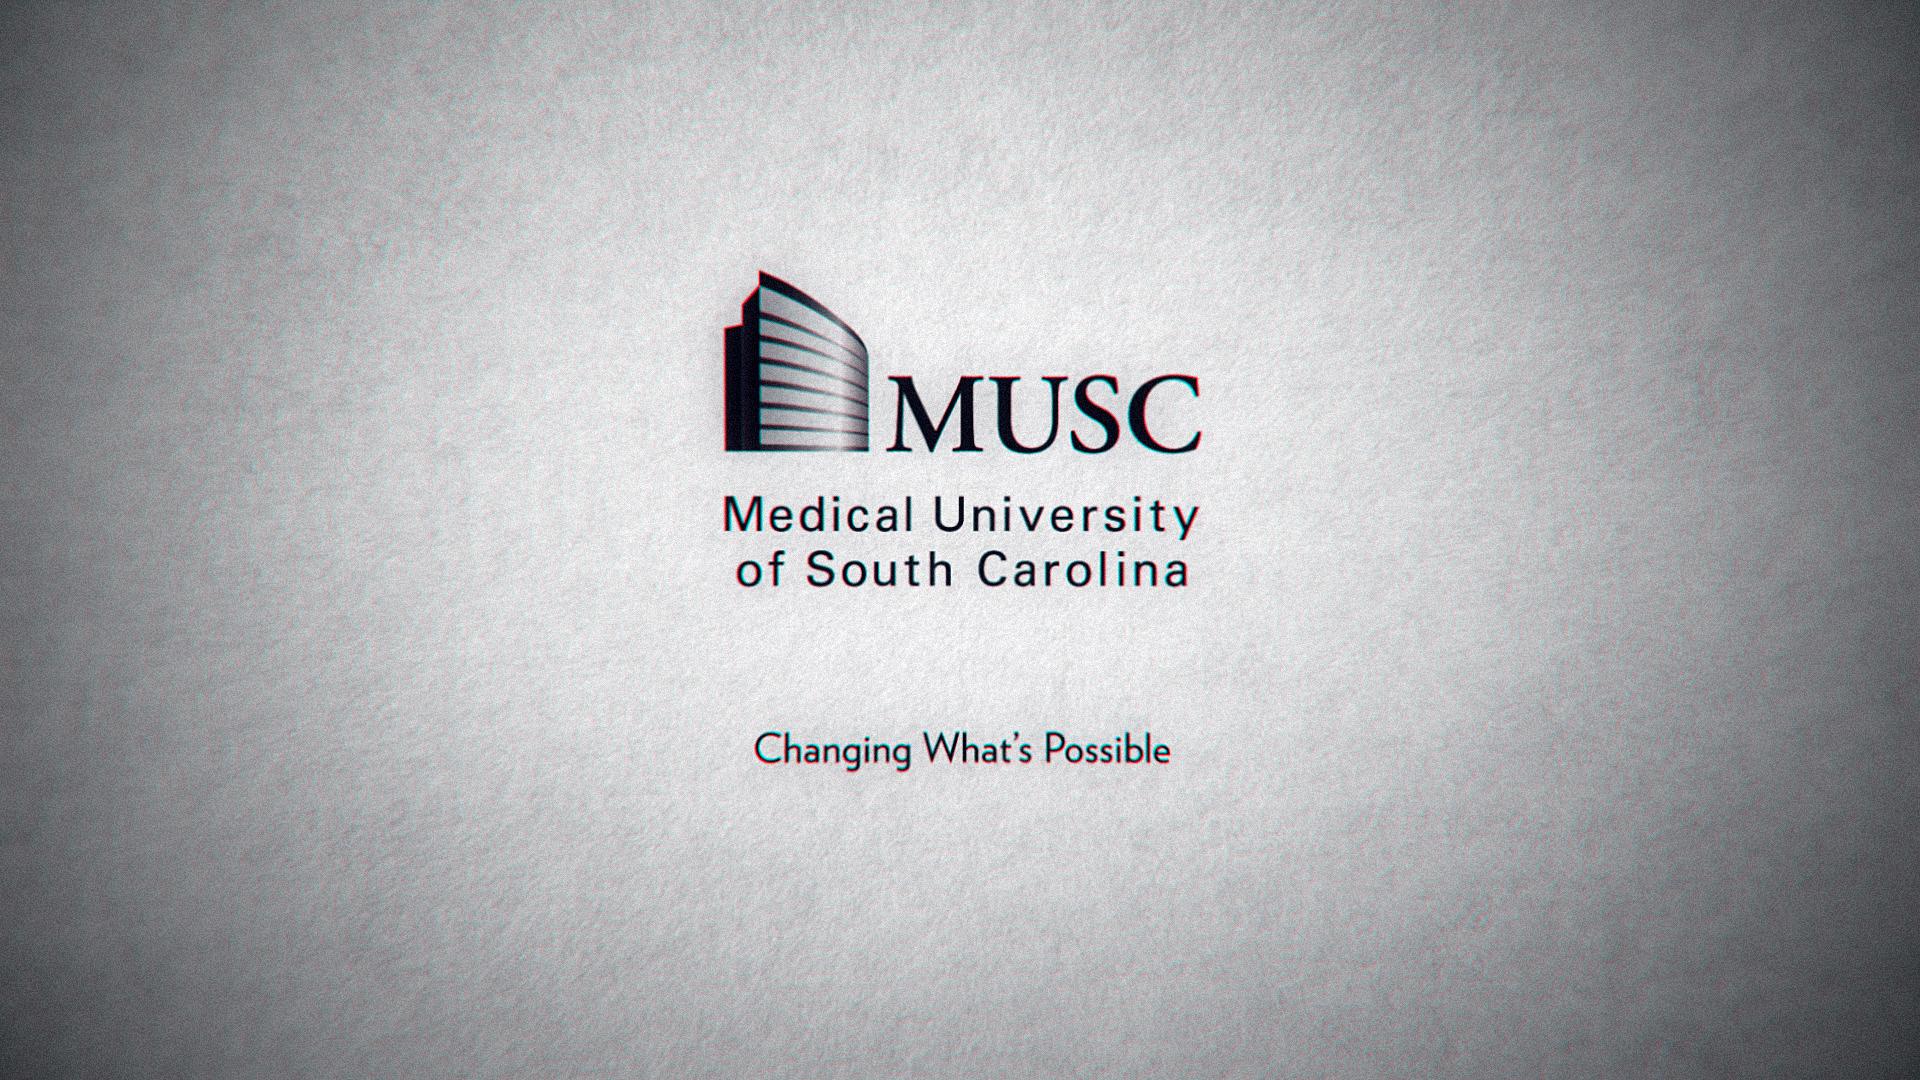 MUSC_Fingerprint_AppleProRes444_051717_v01 (00693).jpg